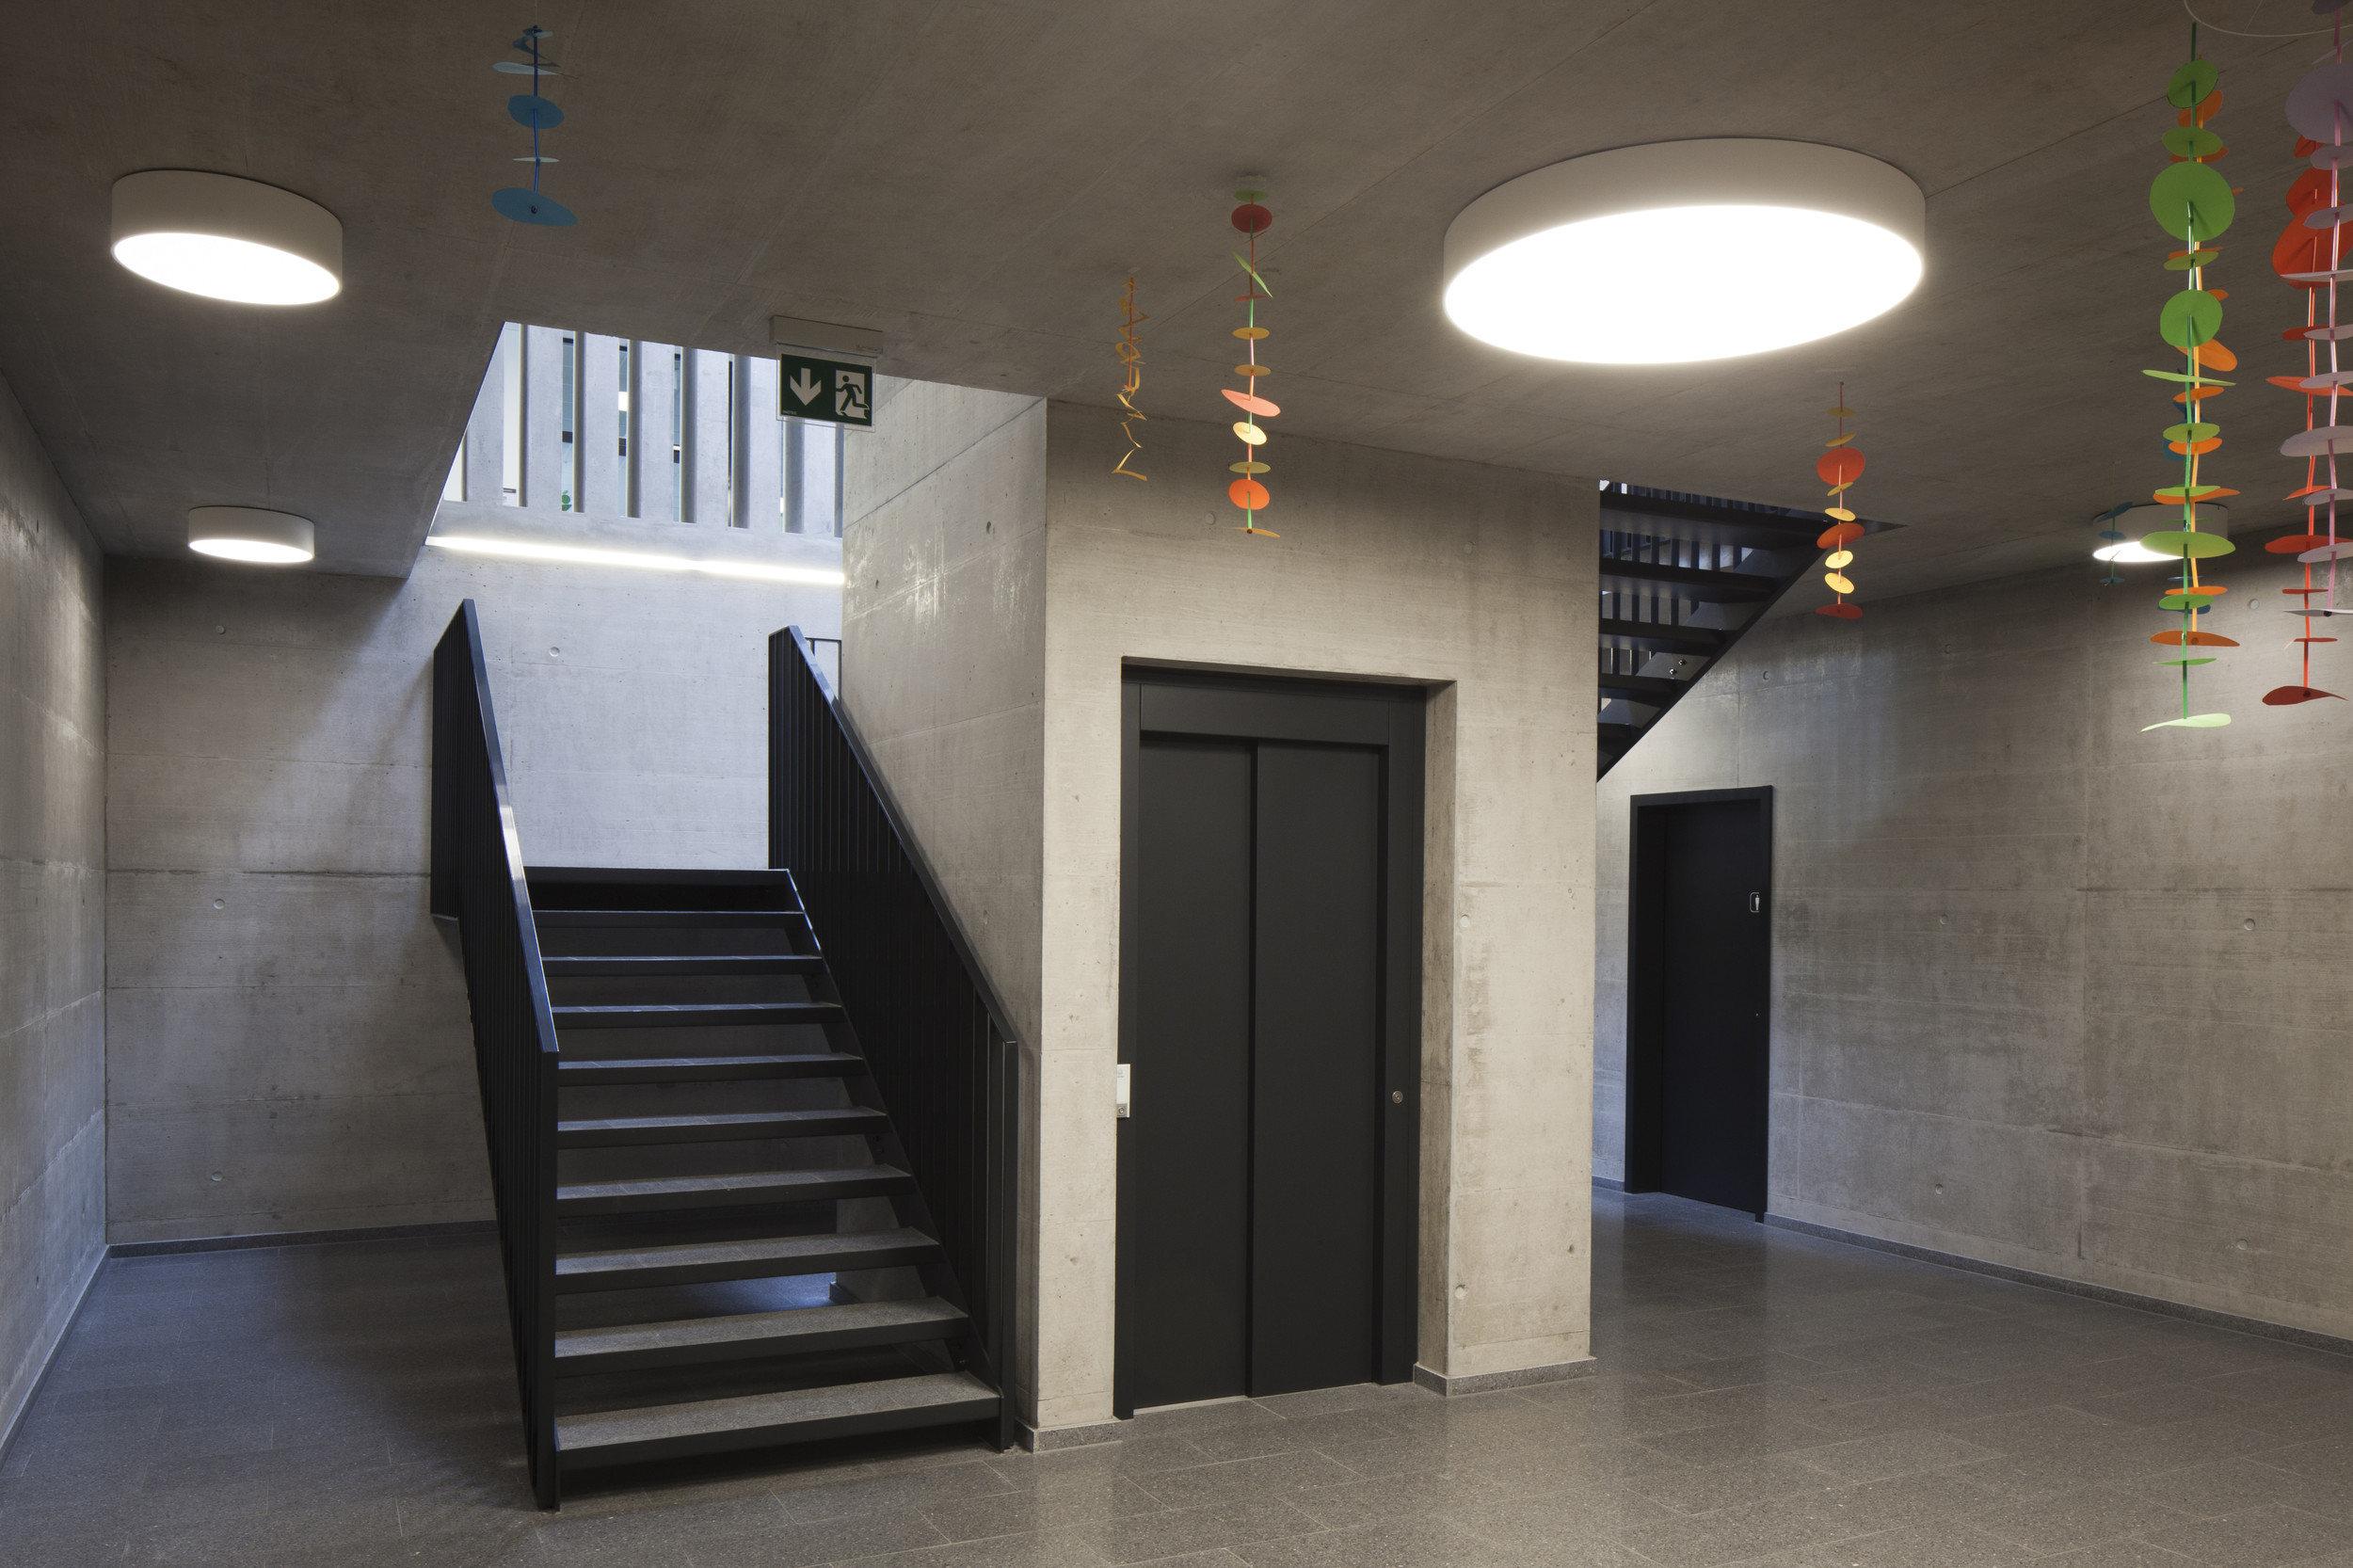 Treppenhaus und Lift in Schulgebäude in modernem Stil